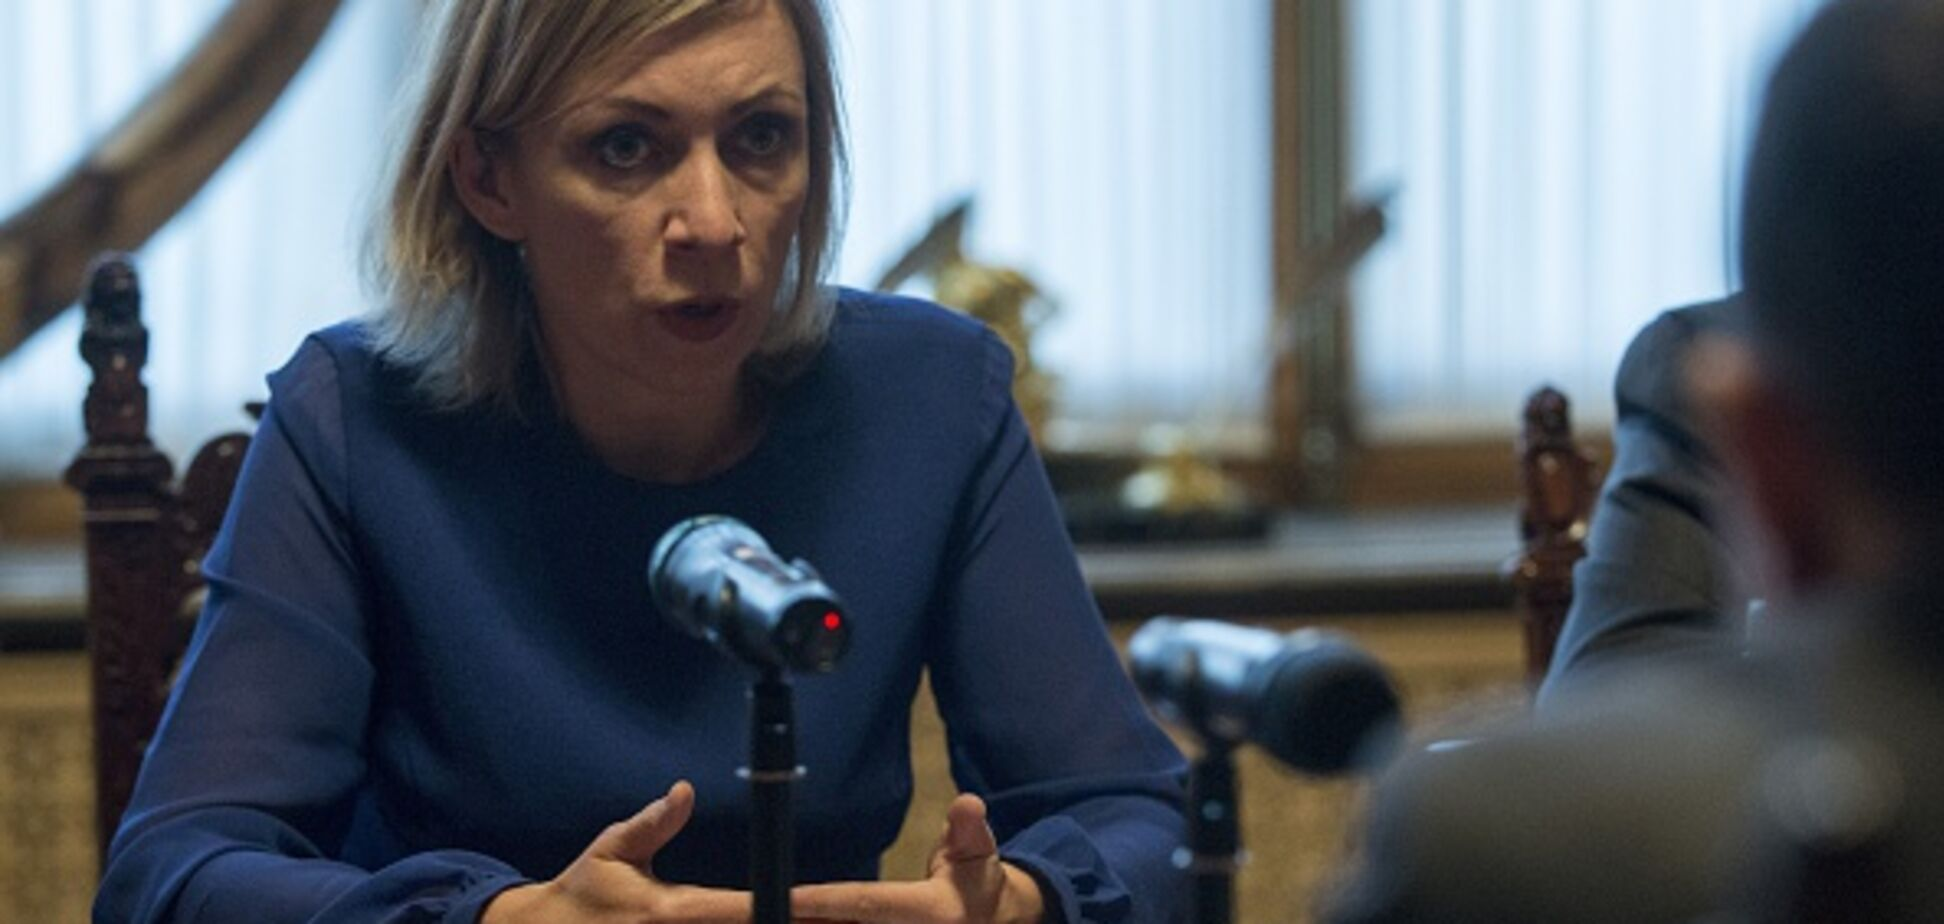 Задержание российского идеолога 'ДНР': МИД РФ поставили каверзный вопрос